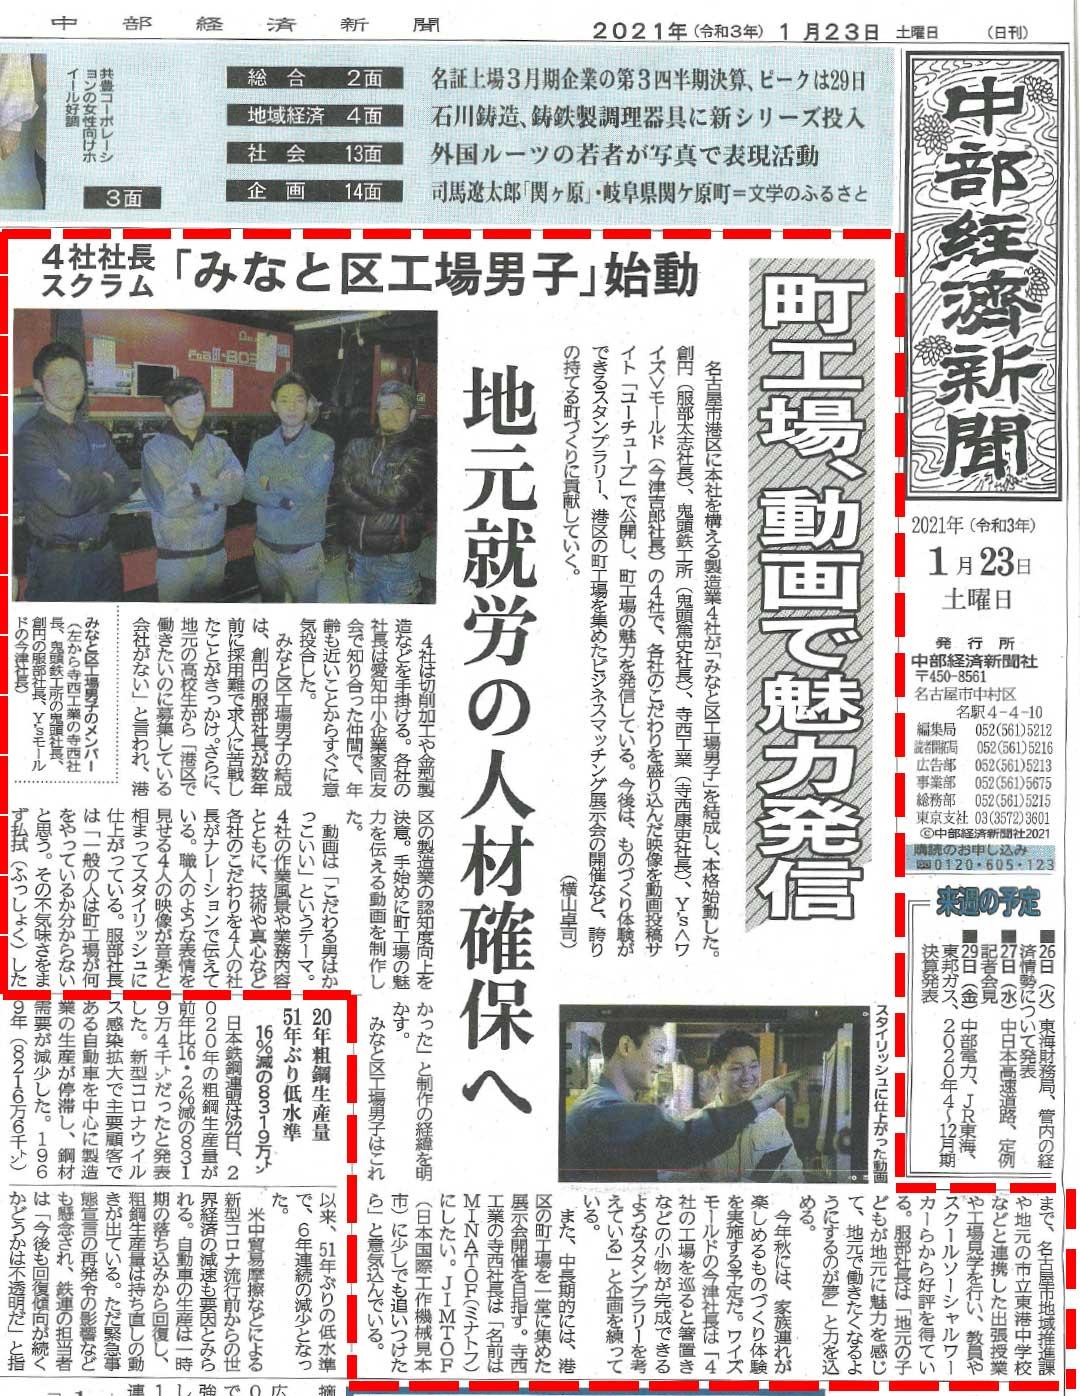 1/23中部経済新聞掲載記事画像